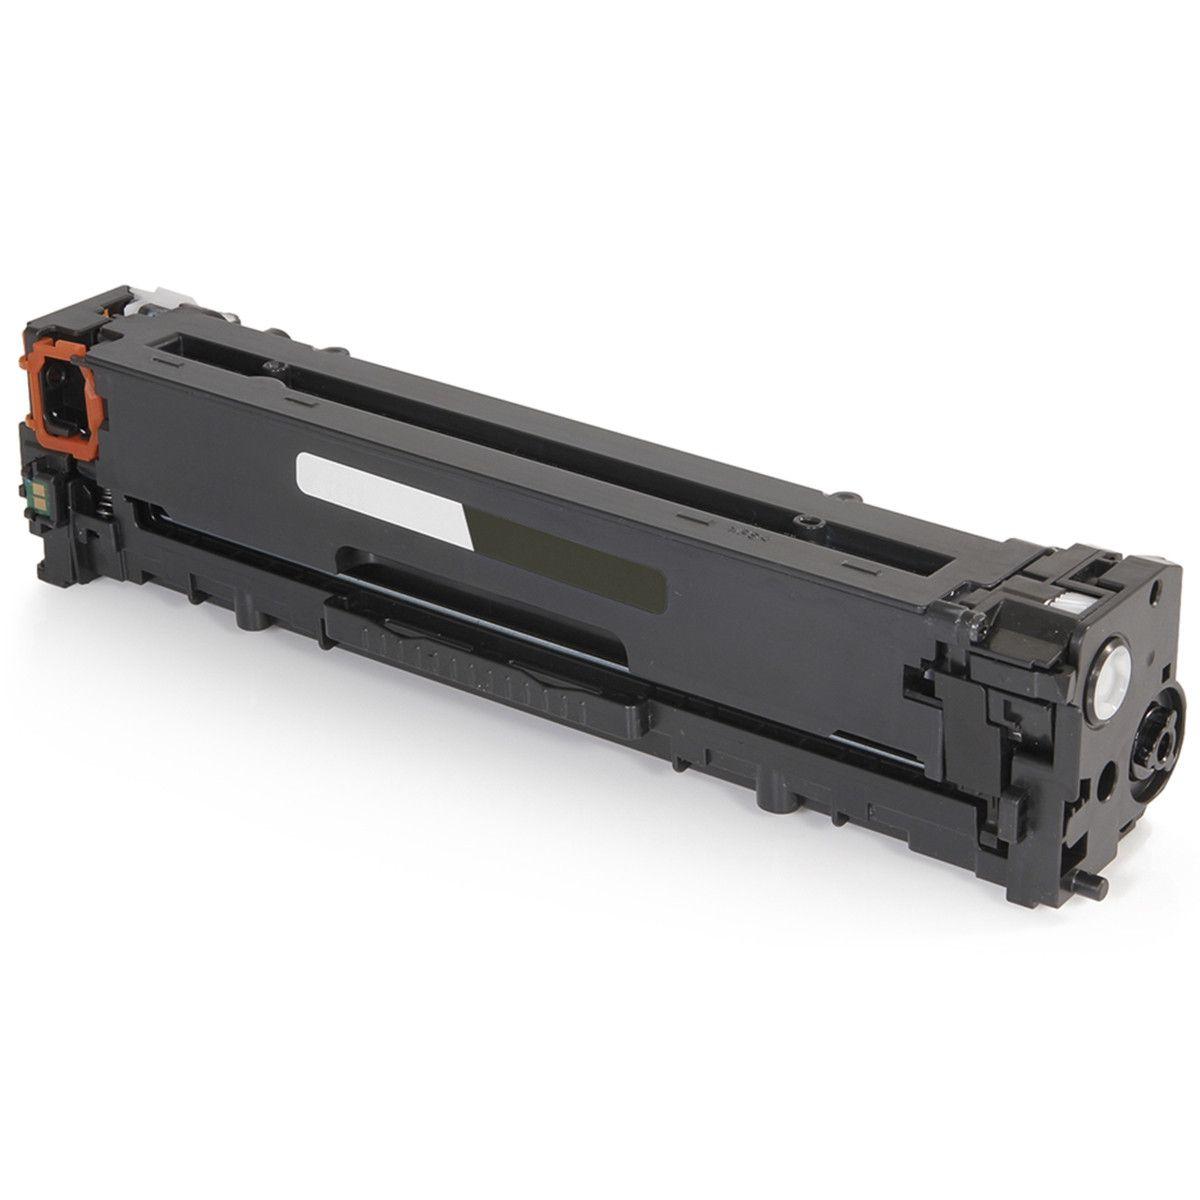 TONER COMPATÍVEL COM HP CB540A CB540AB 125A CP1215 CP1510 CP1515 CP1518 CM1312 Black Cartucho & Cia